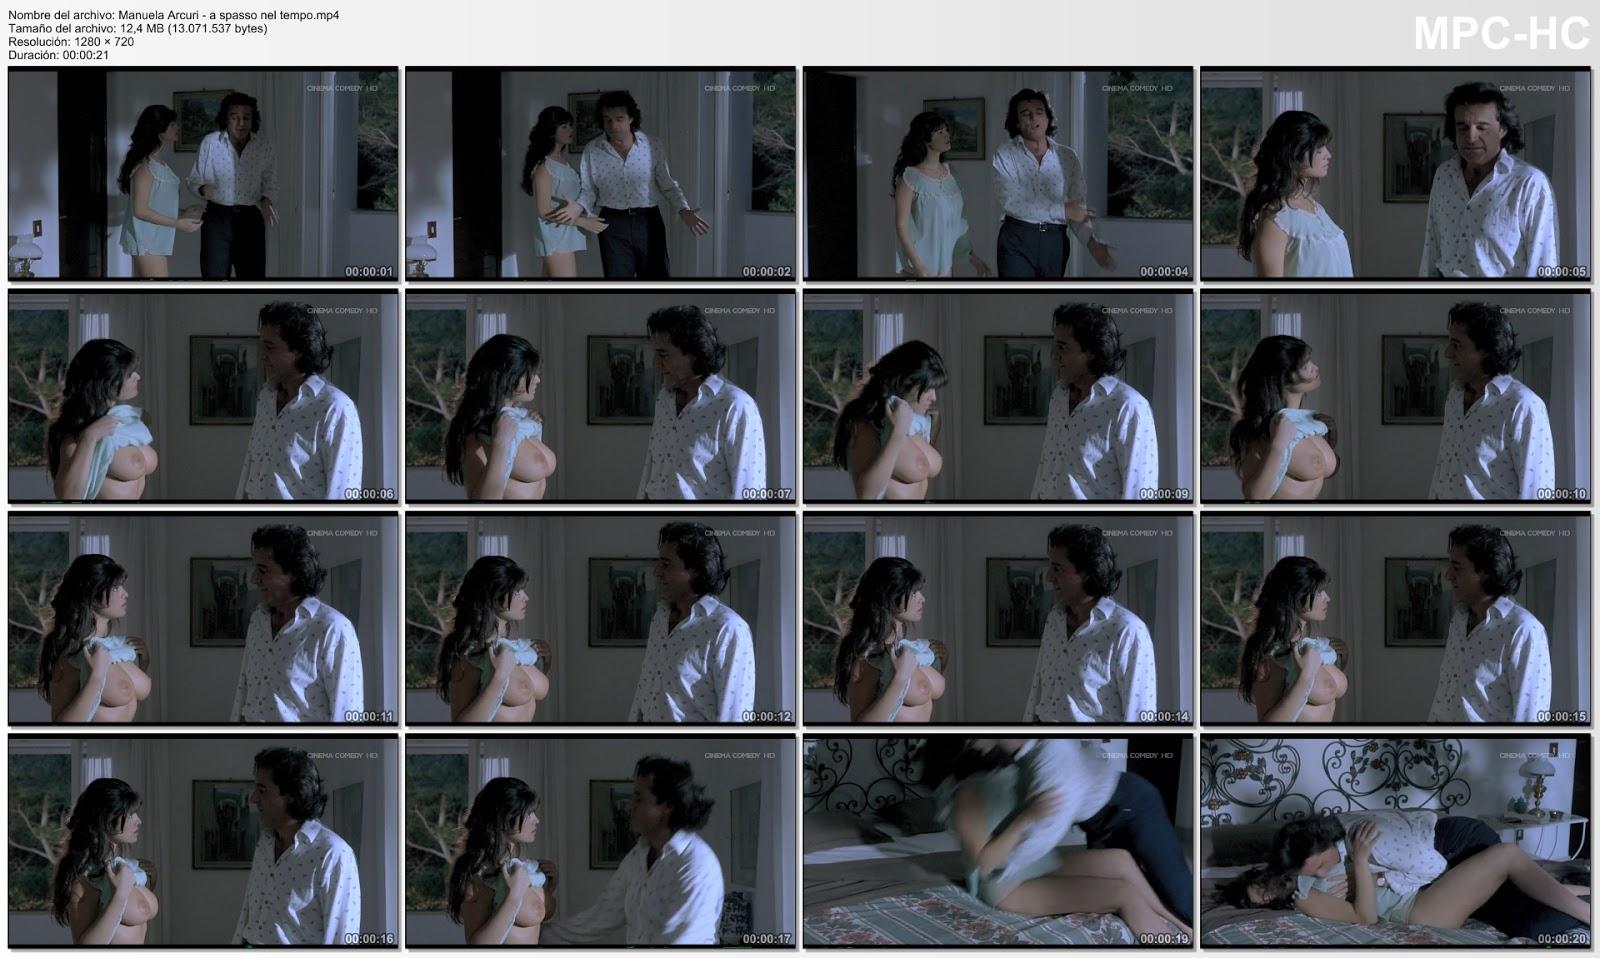 Manuela arcuri nude playboy it-5988